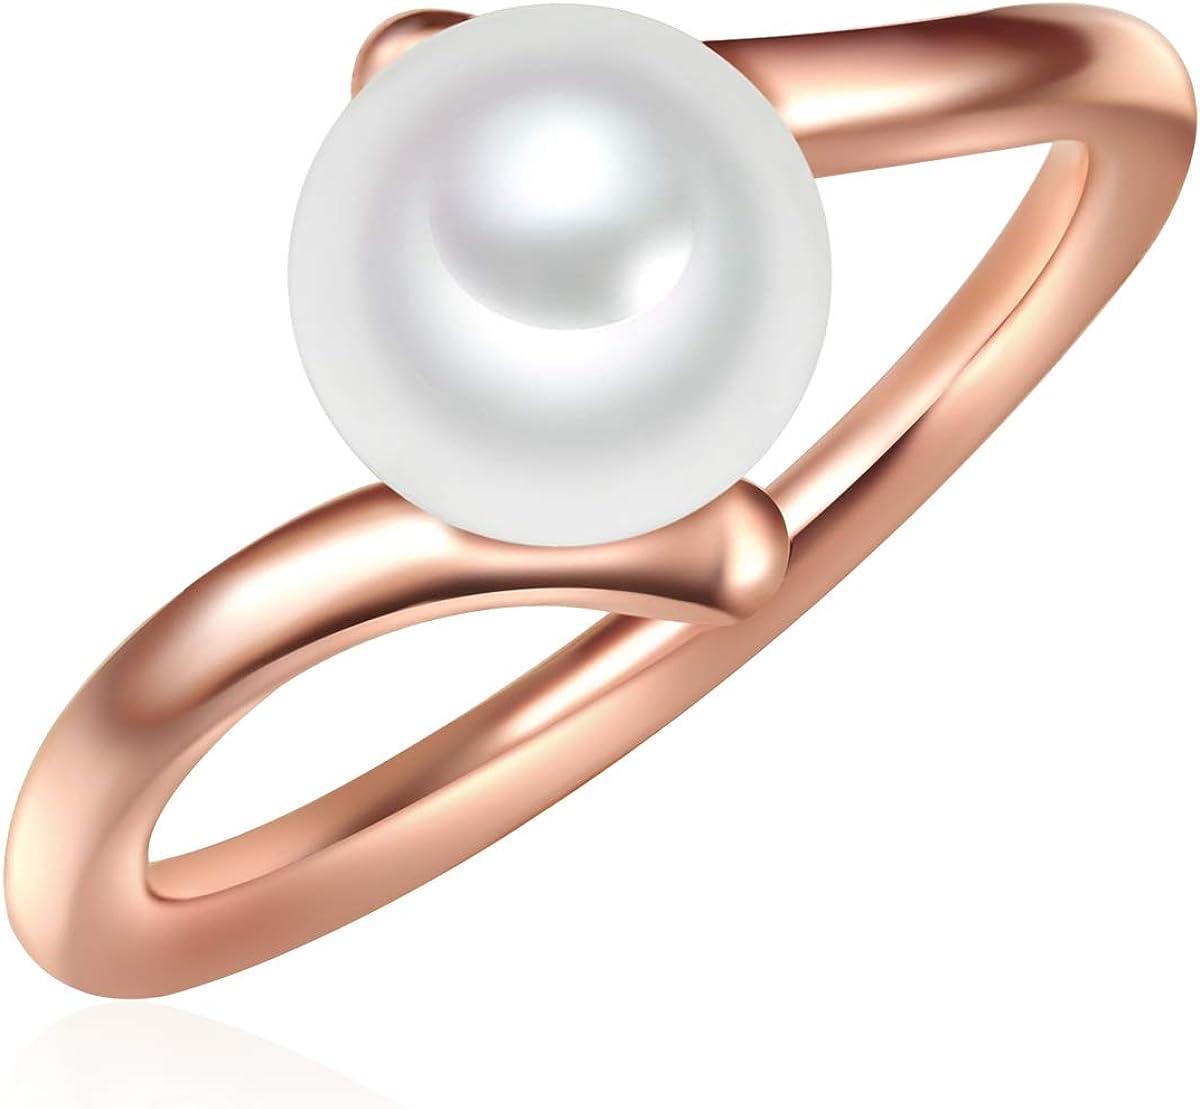 Valero Pearls Damen-Ring Welle Sterling Silber 925 ros/évergoldet S/ü/ßwasser-Zuchtperlen wei/ß Modern-Ring f/ür Frauen Ros/égold-Farben S/ü/ßwasser-perle